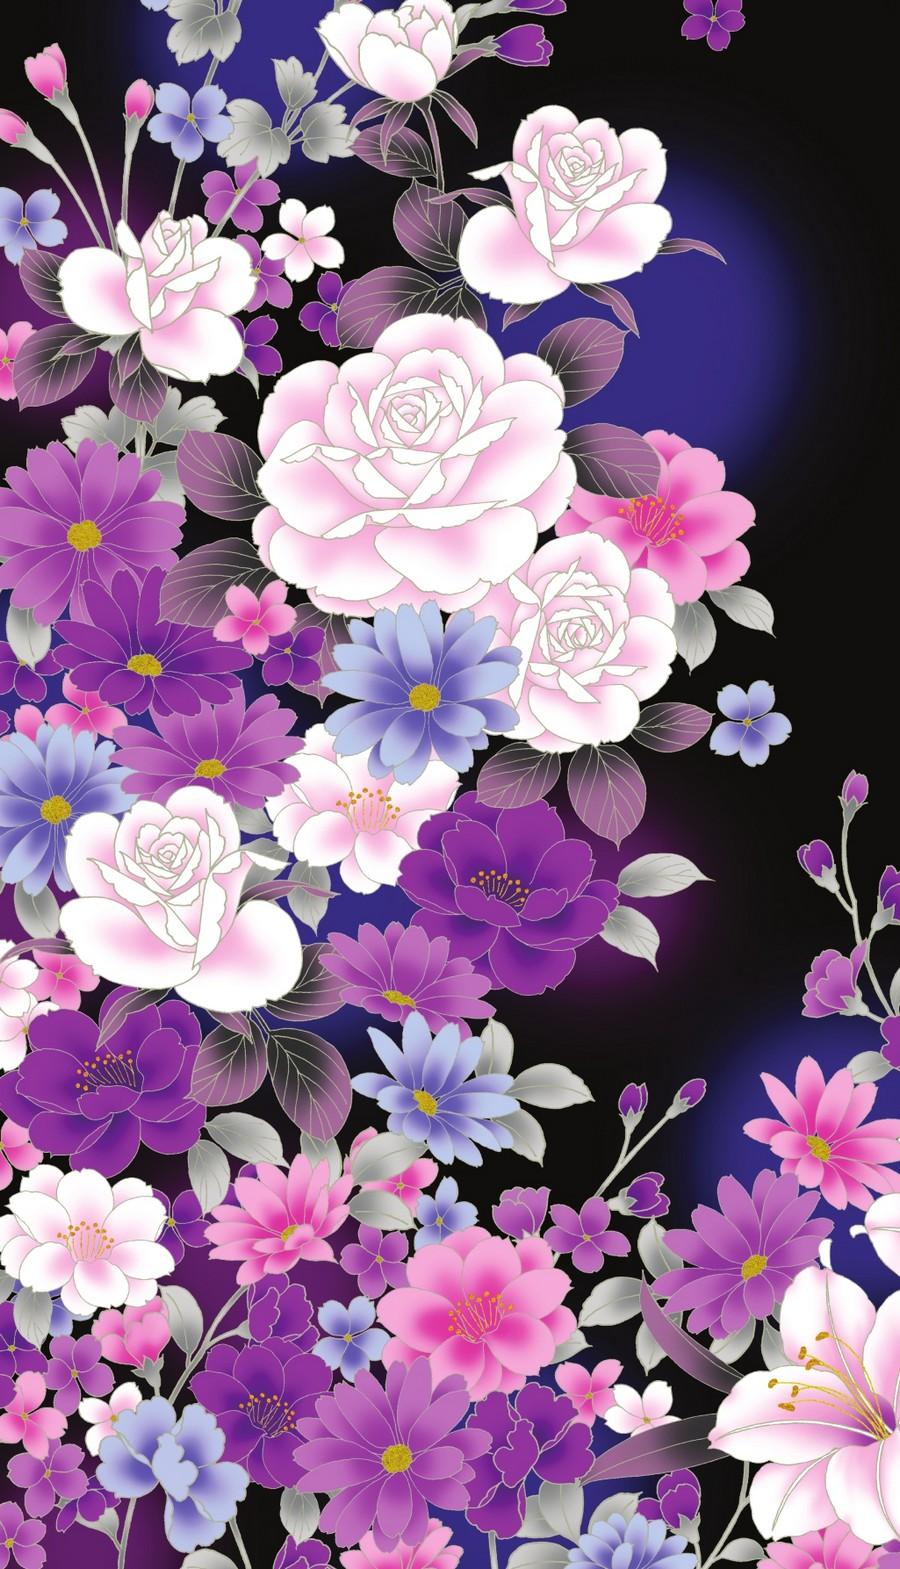 Фото цветы на заставку в телефон